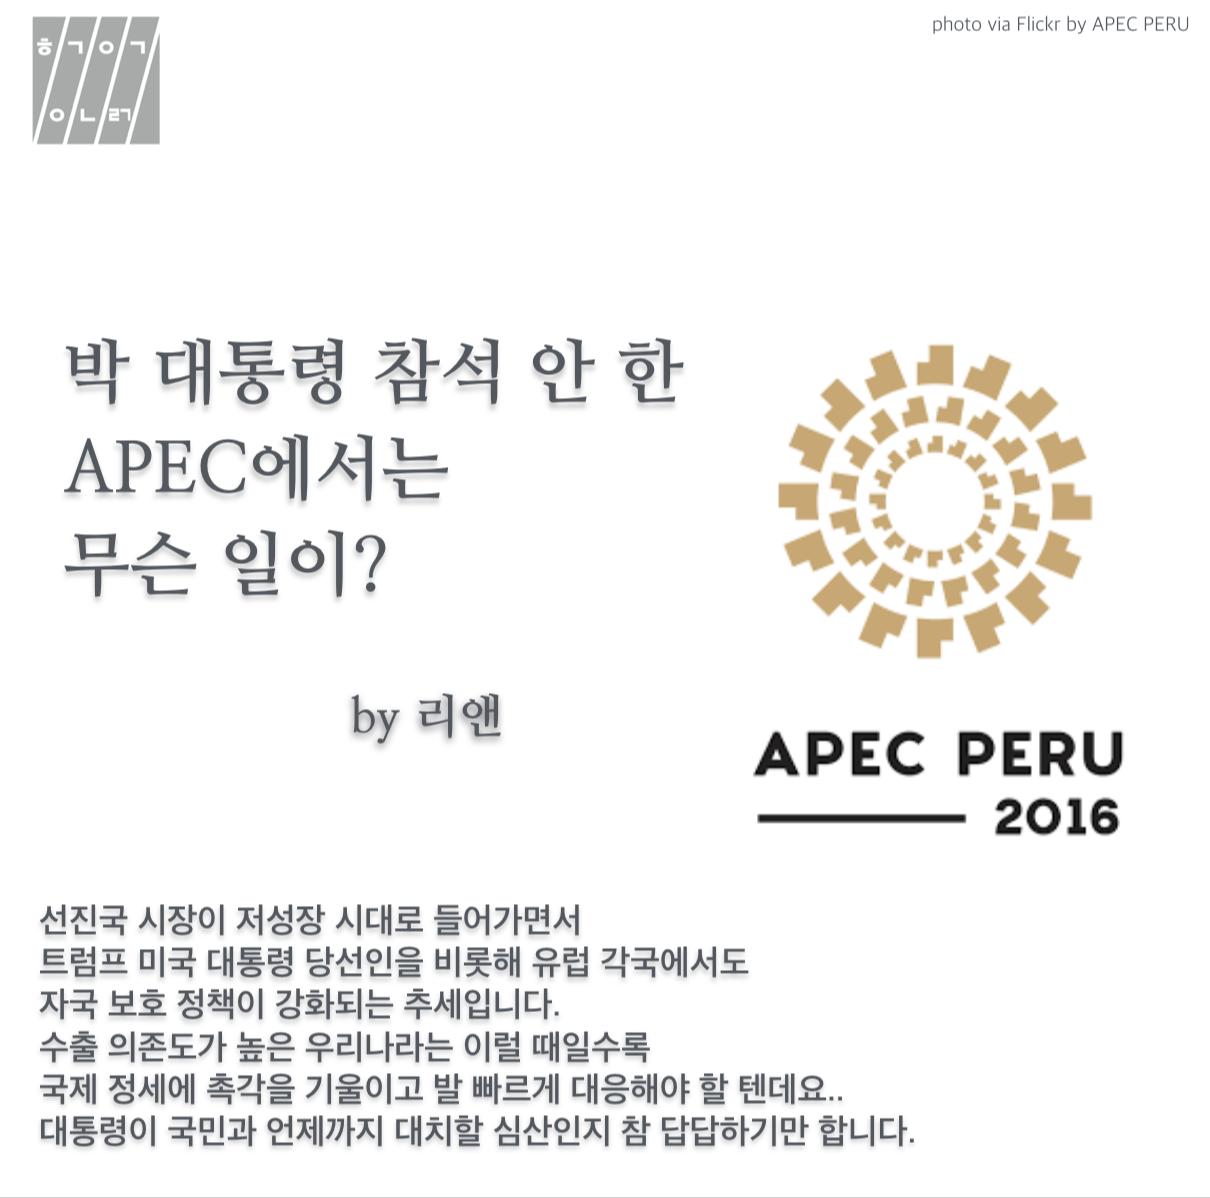 [리앤]박 대통령 참석 안 한 APEC에서는 무슨 일이...